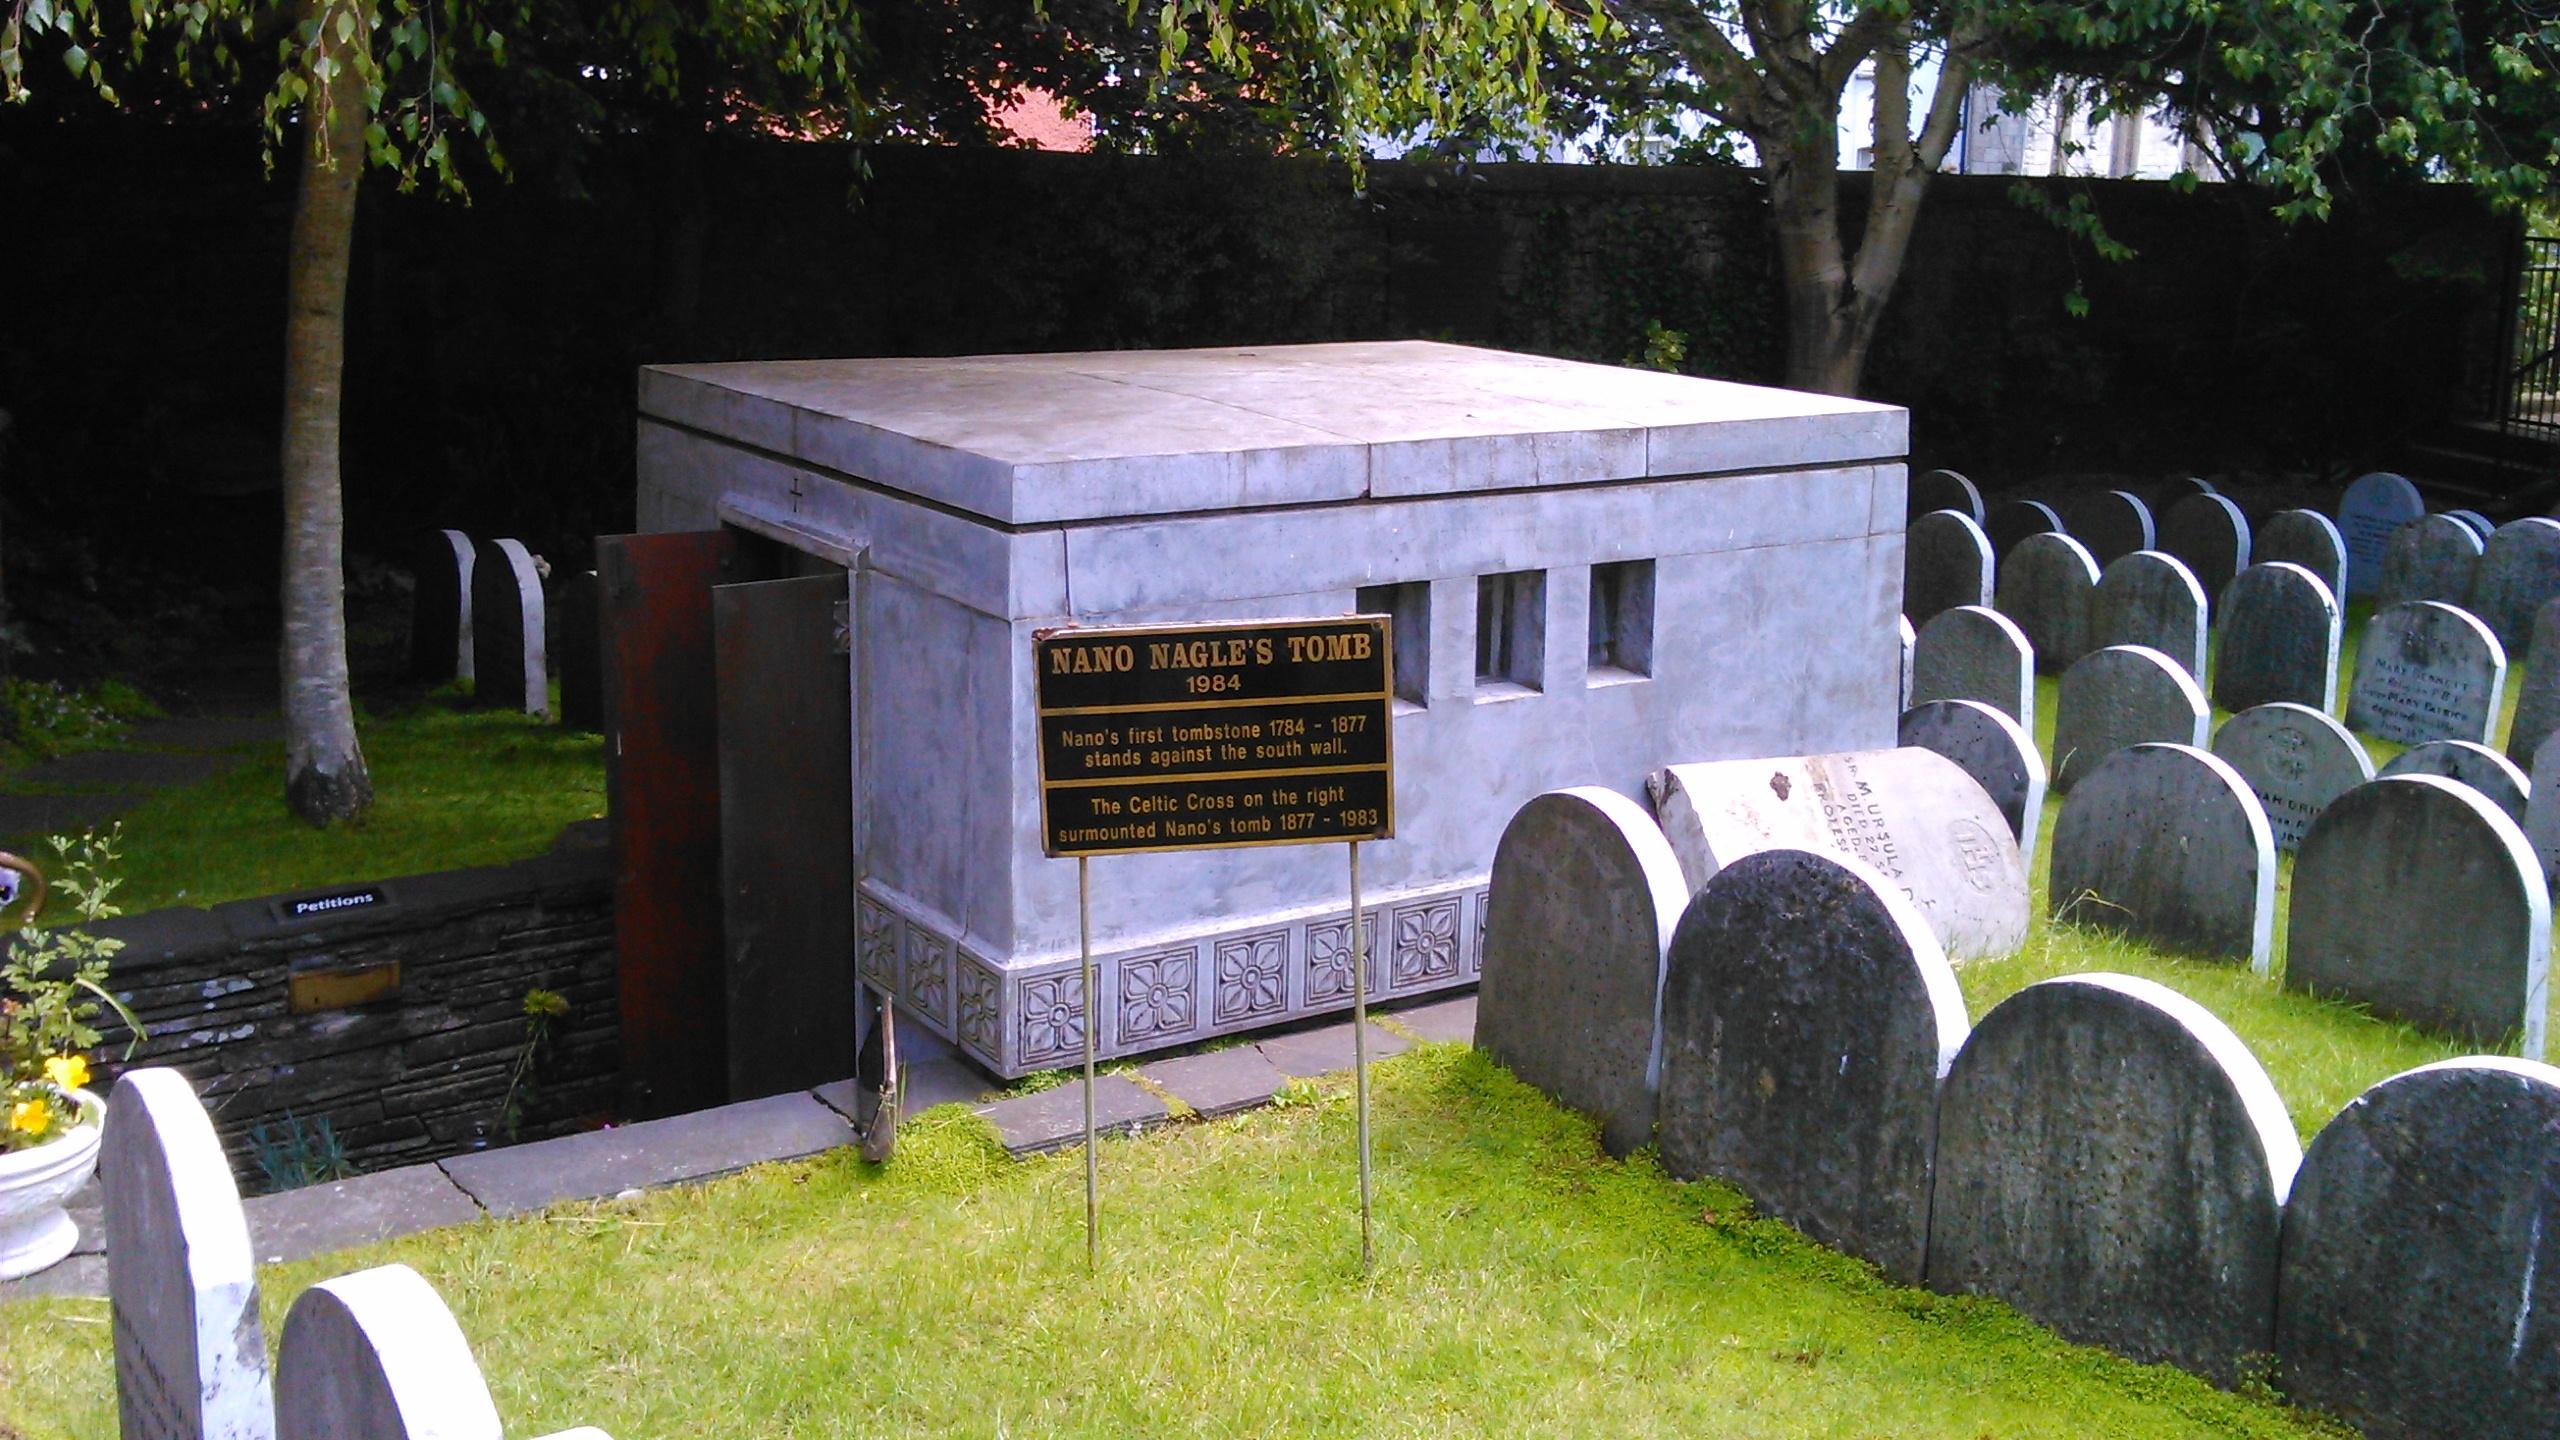 Nano Nagle's tomb